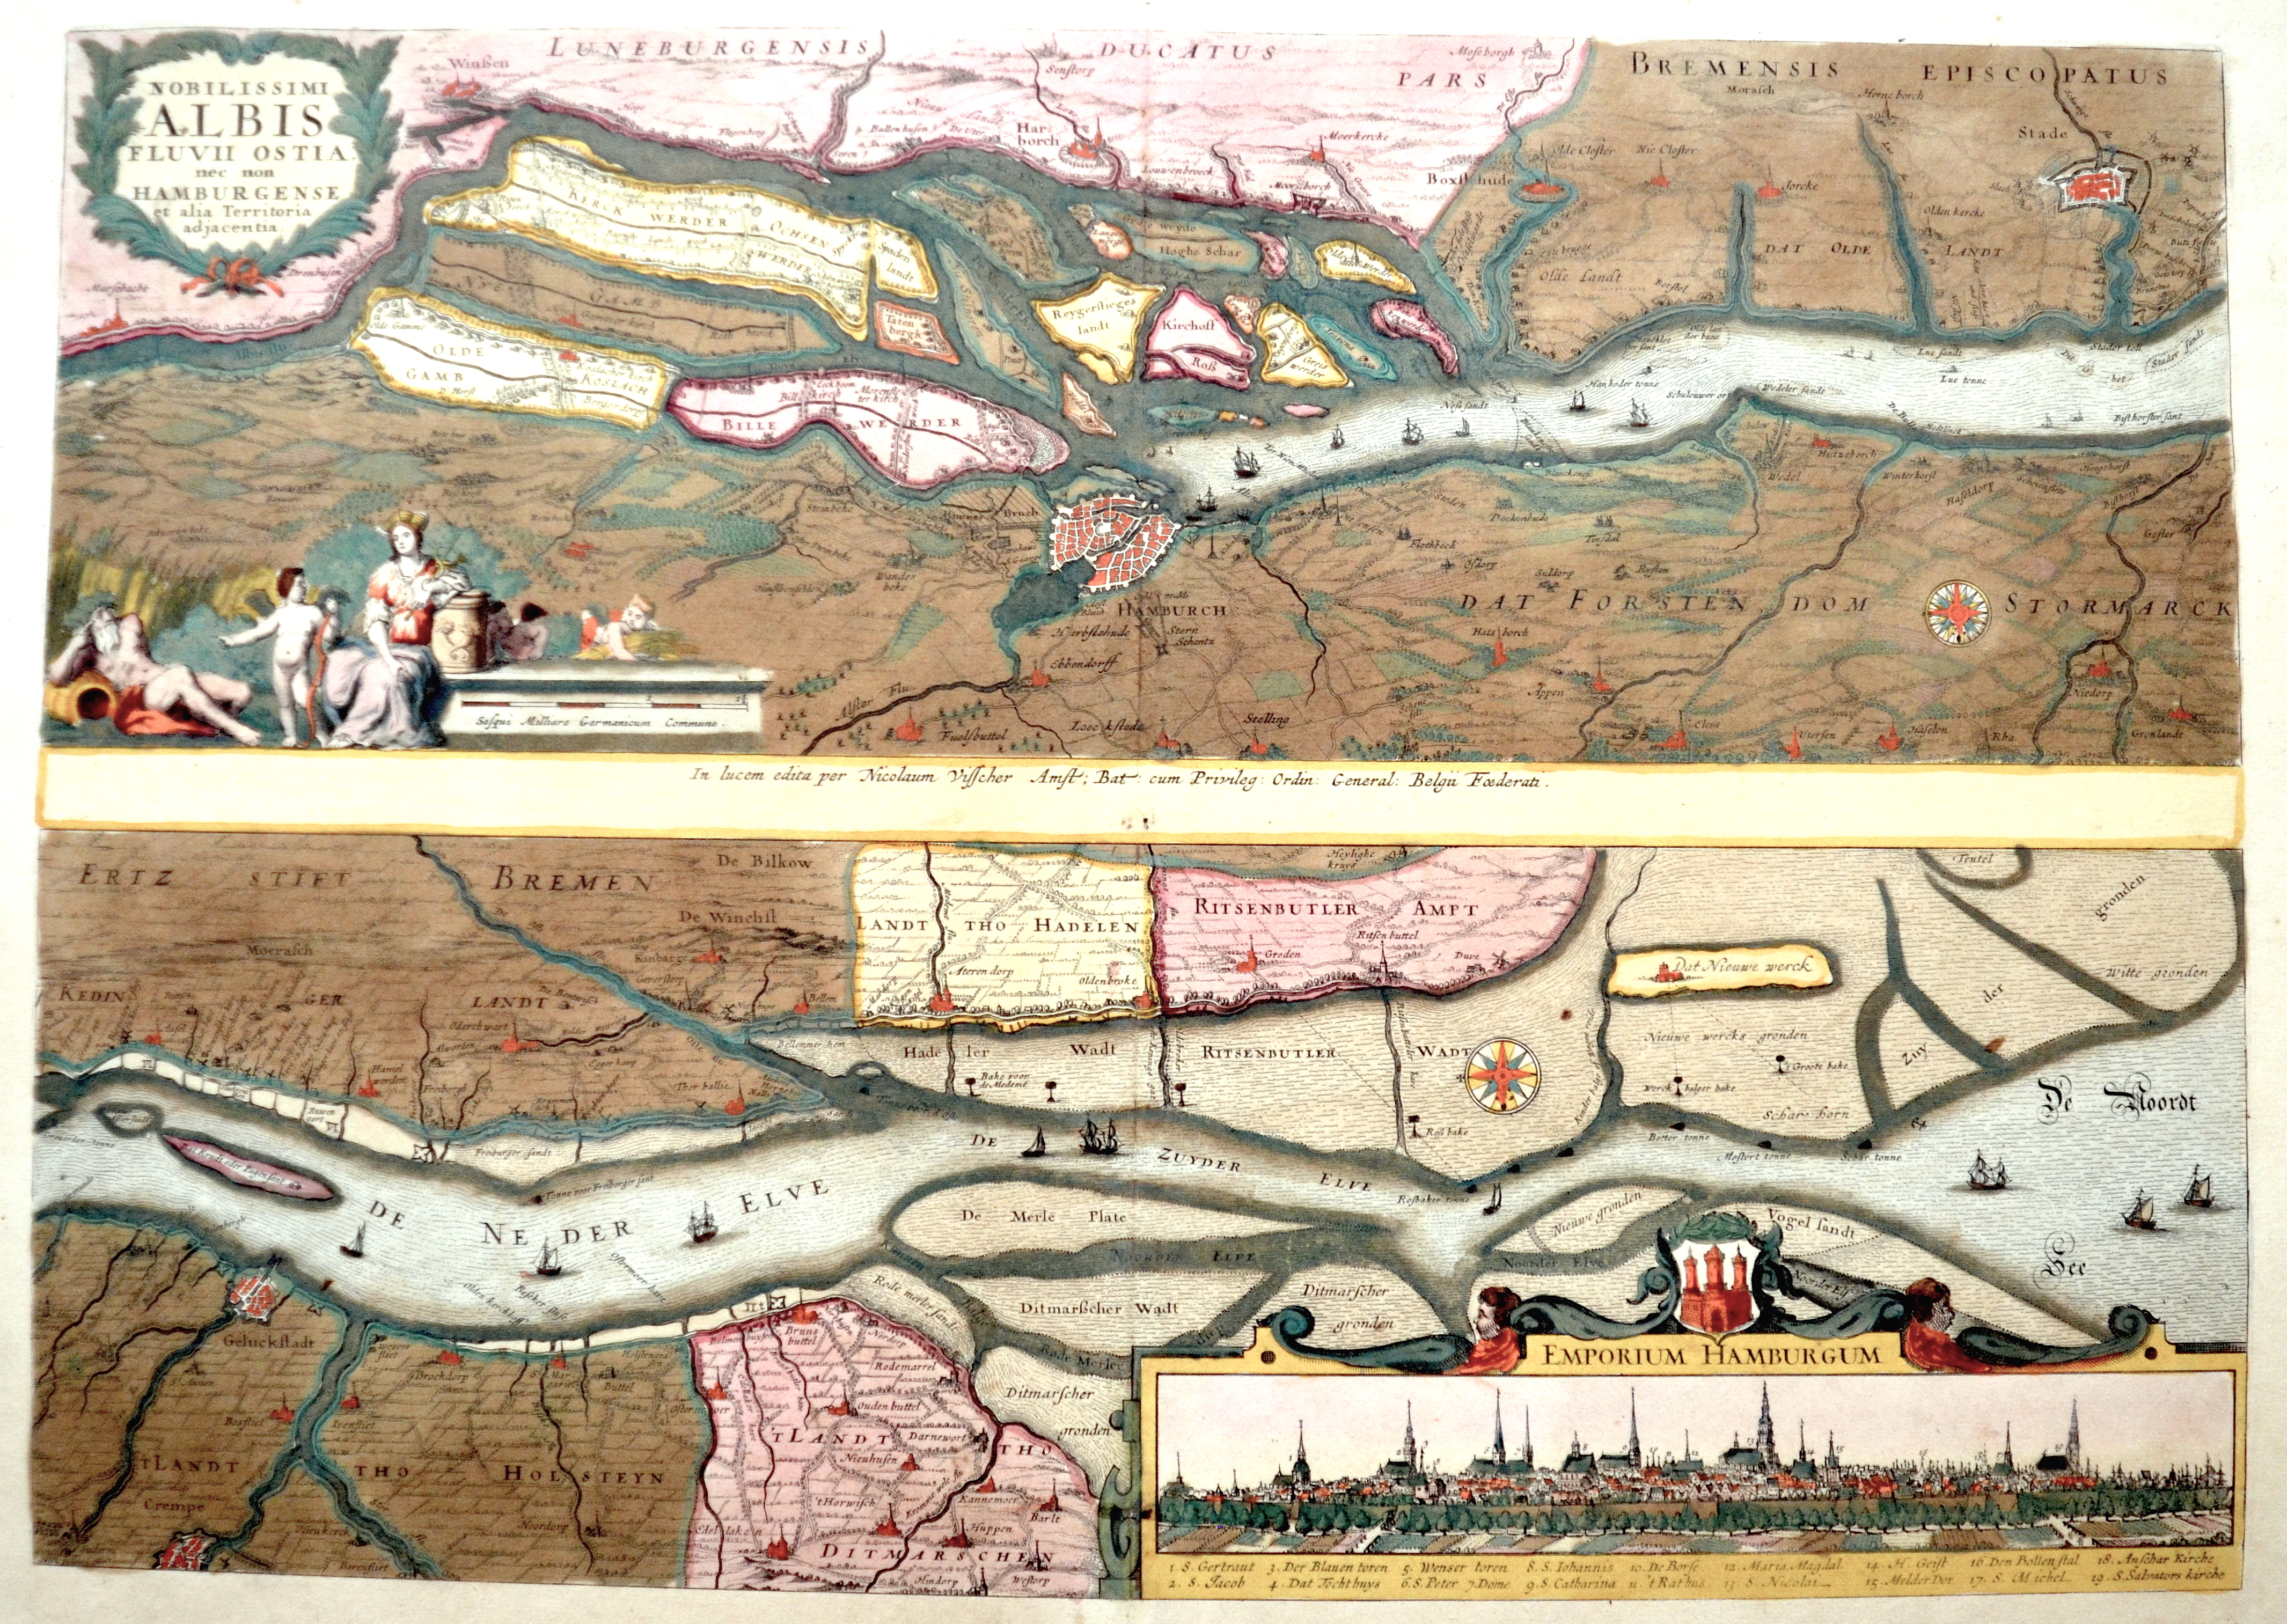 Visscher  Nobilissimi Albis Fluvii Ostia, nec non Hamburgense et alia Territoria adjacentia.l